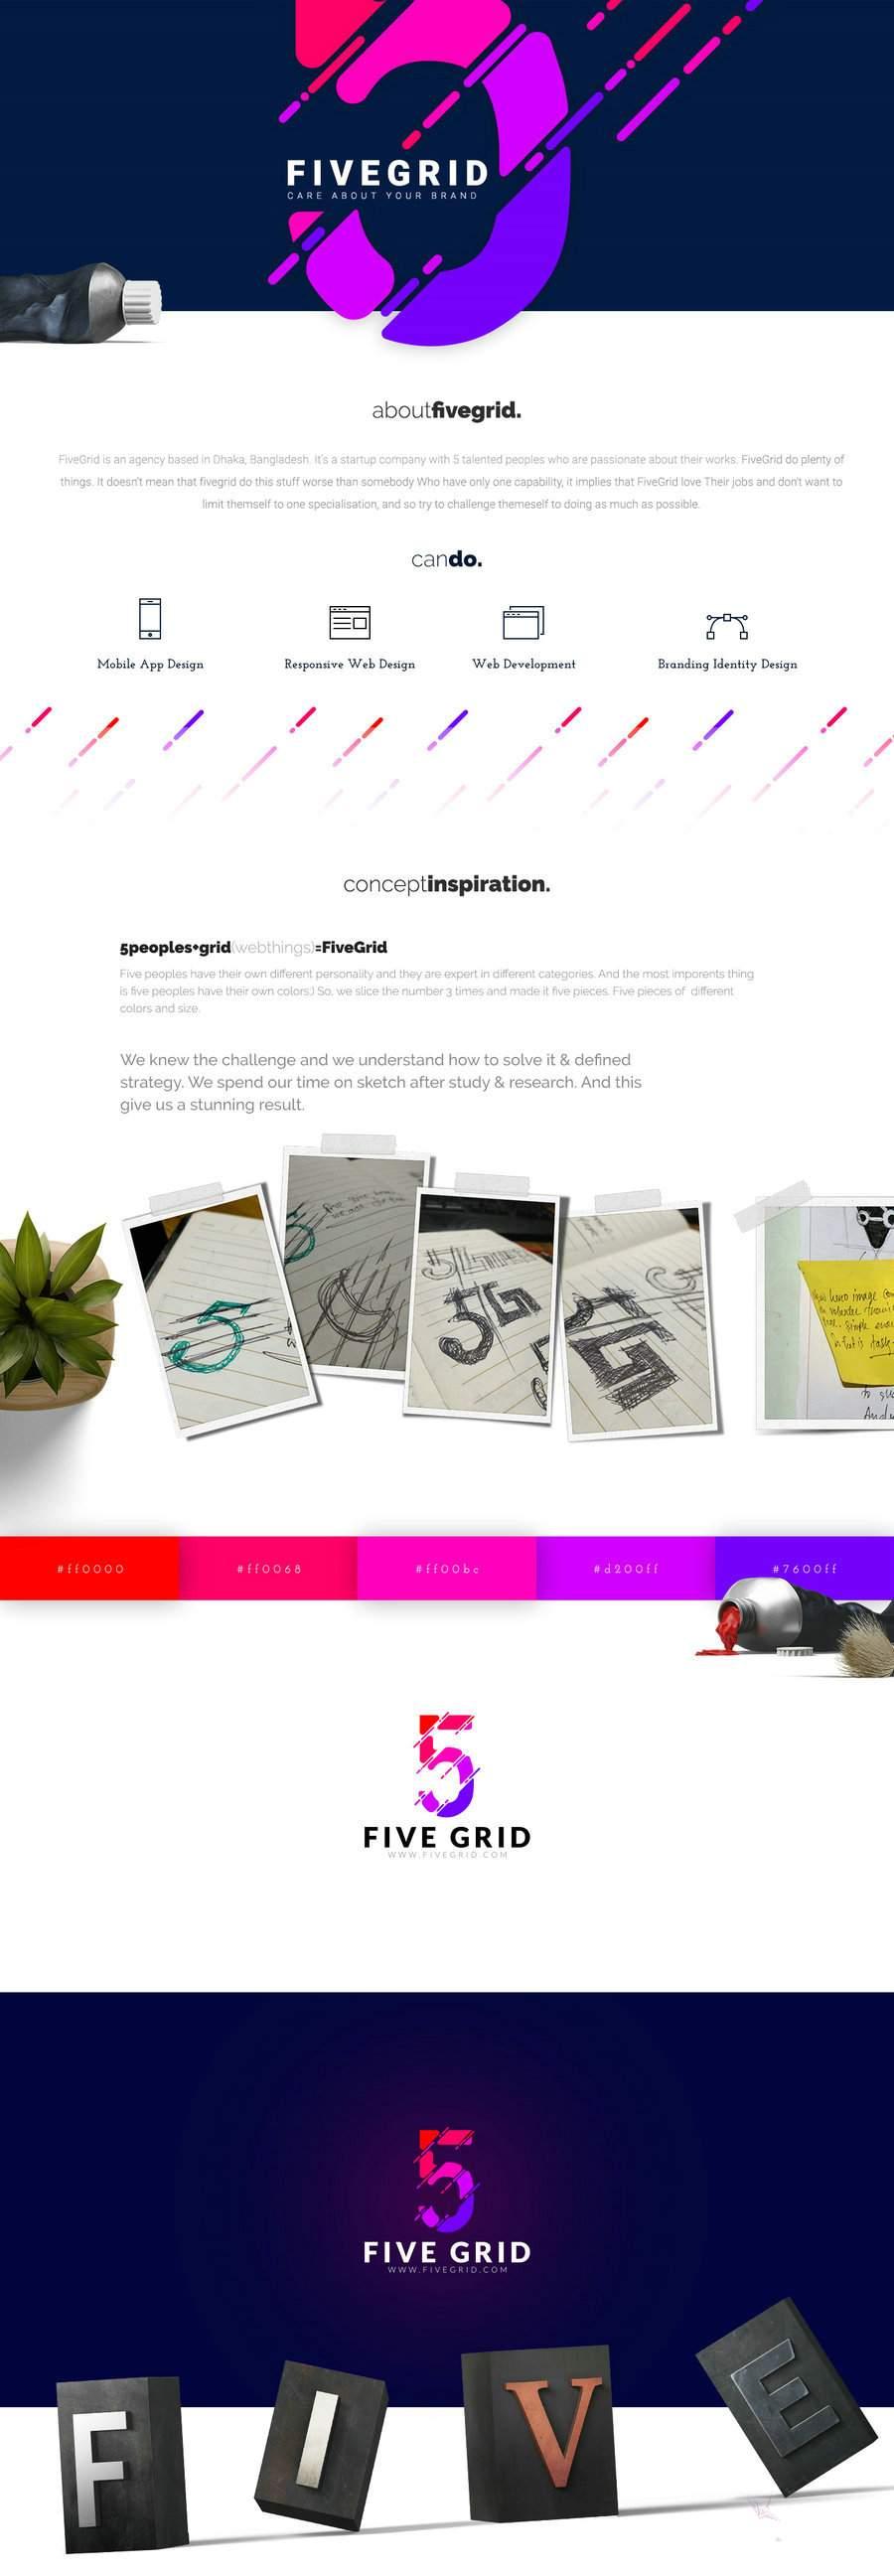 品牌推广动态图像设计用户界面用户体验UI